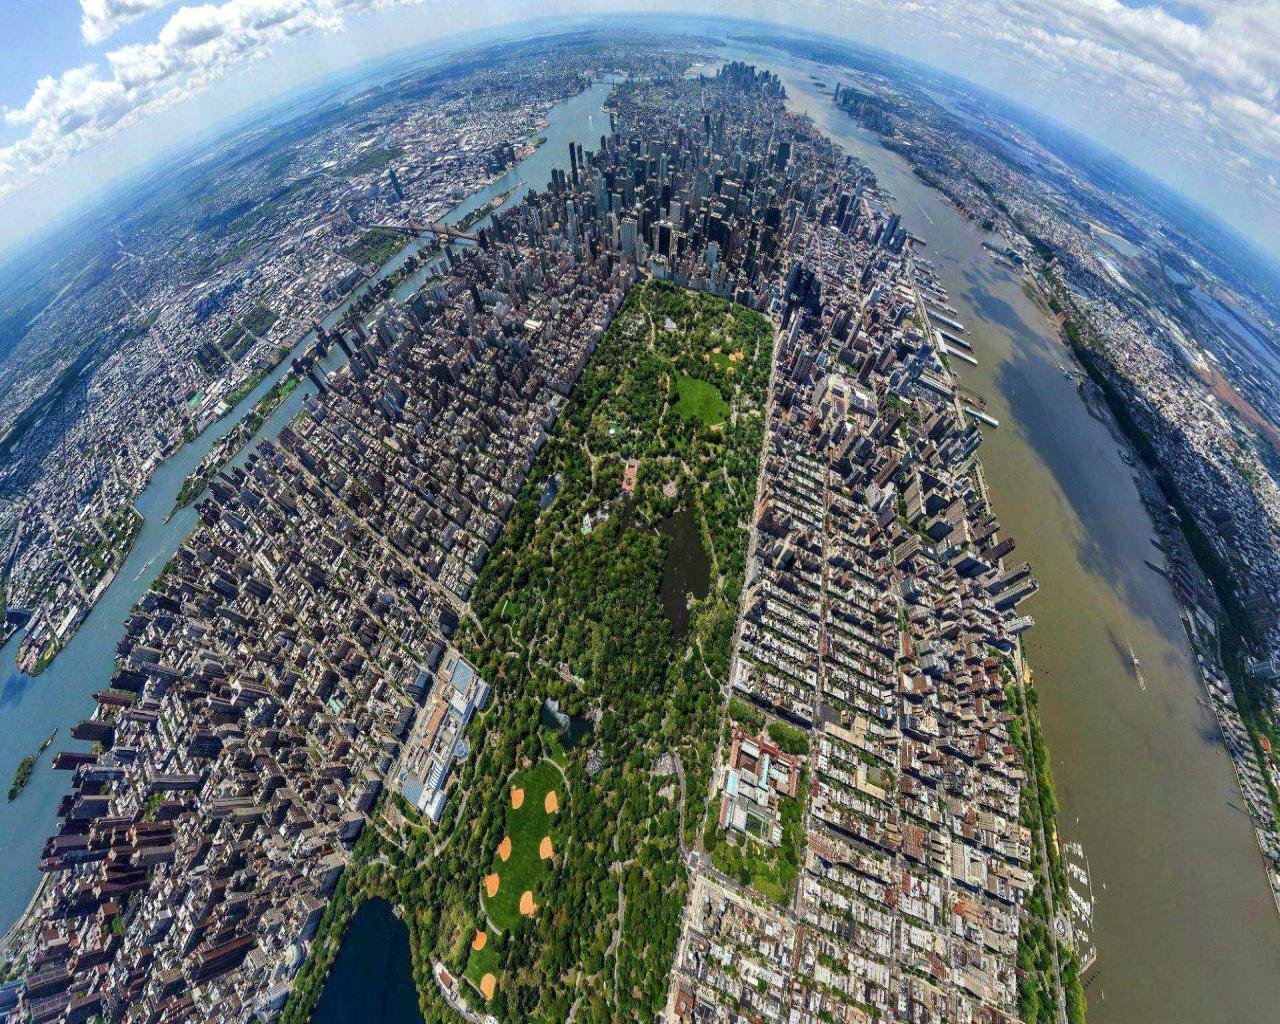 Vista-desde-el-cielo-New-York-407_1280x720